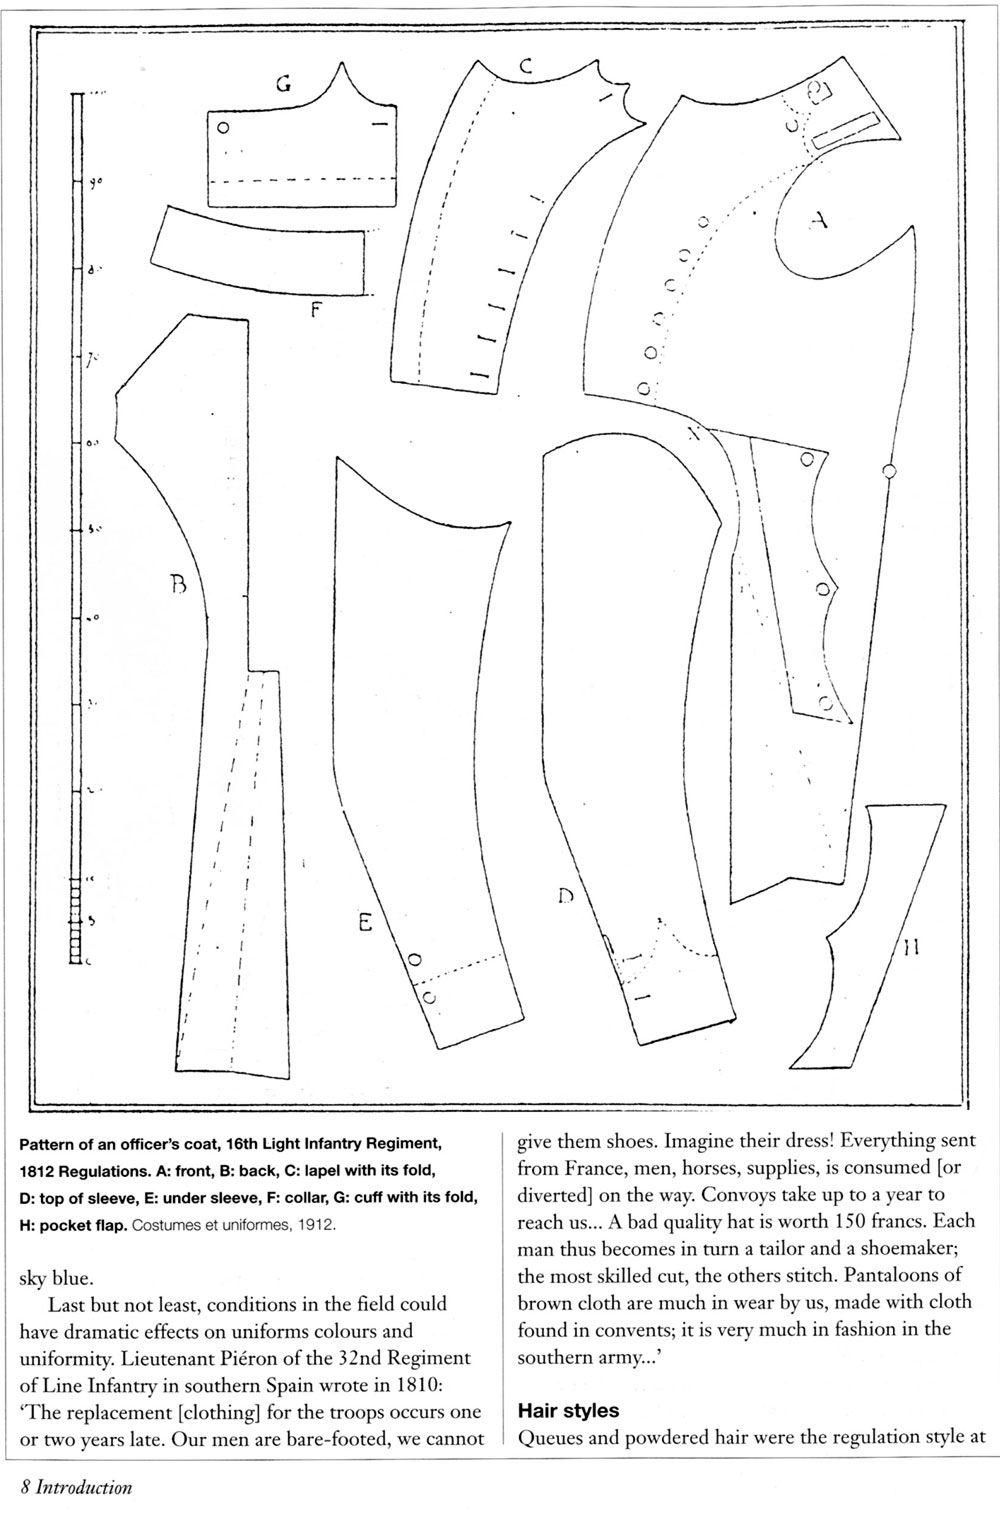 156079exludseg 10001514 french uniform pinterest sewing patterns 156079exludseg 10001514 jeuxipadfo Images